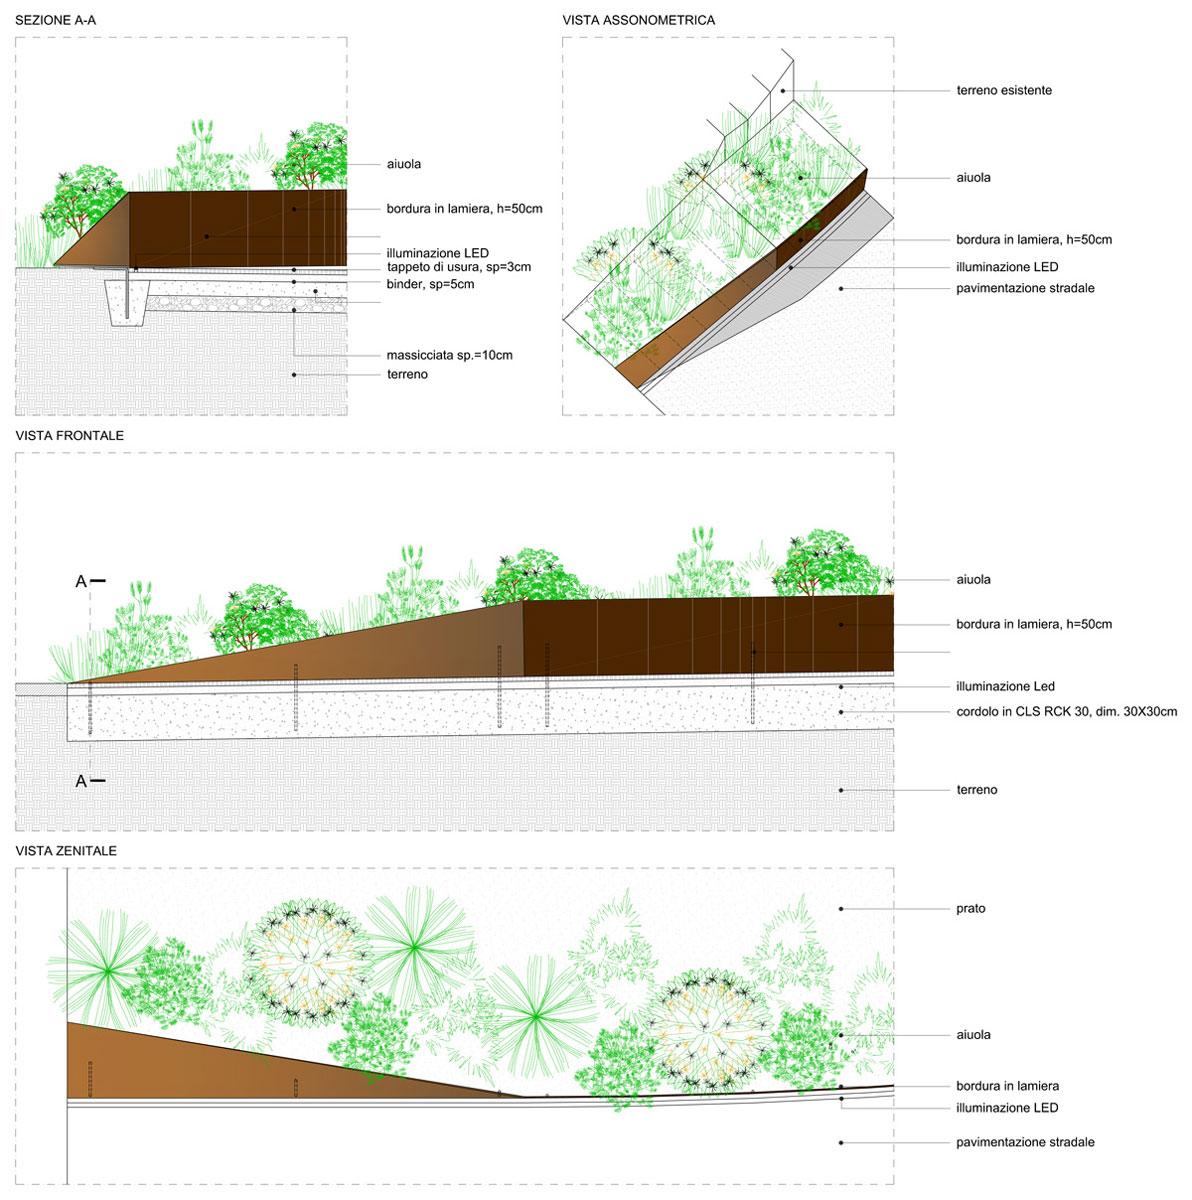 Capolinea Cellere - Viste e particolari costruttivi del progetto esecutivo - Tommaso Vecci